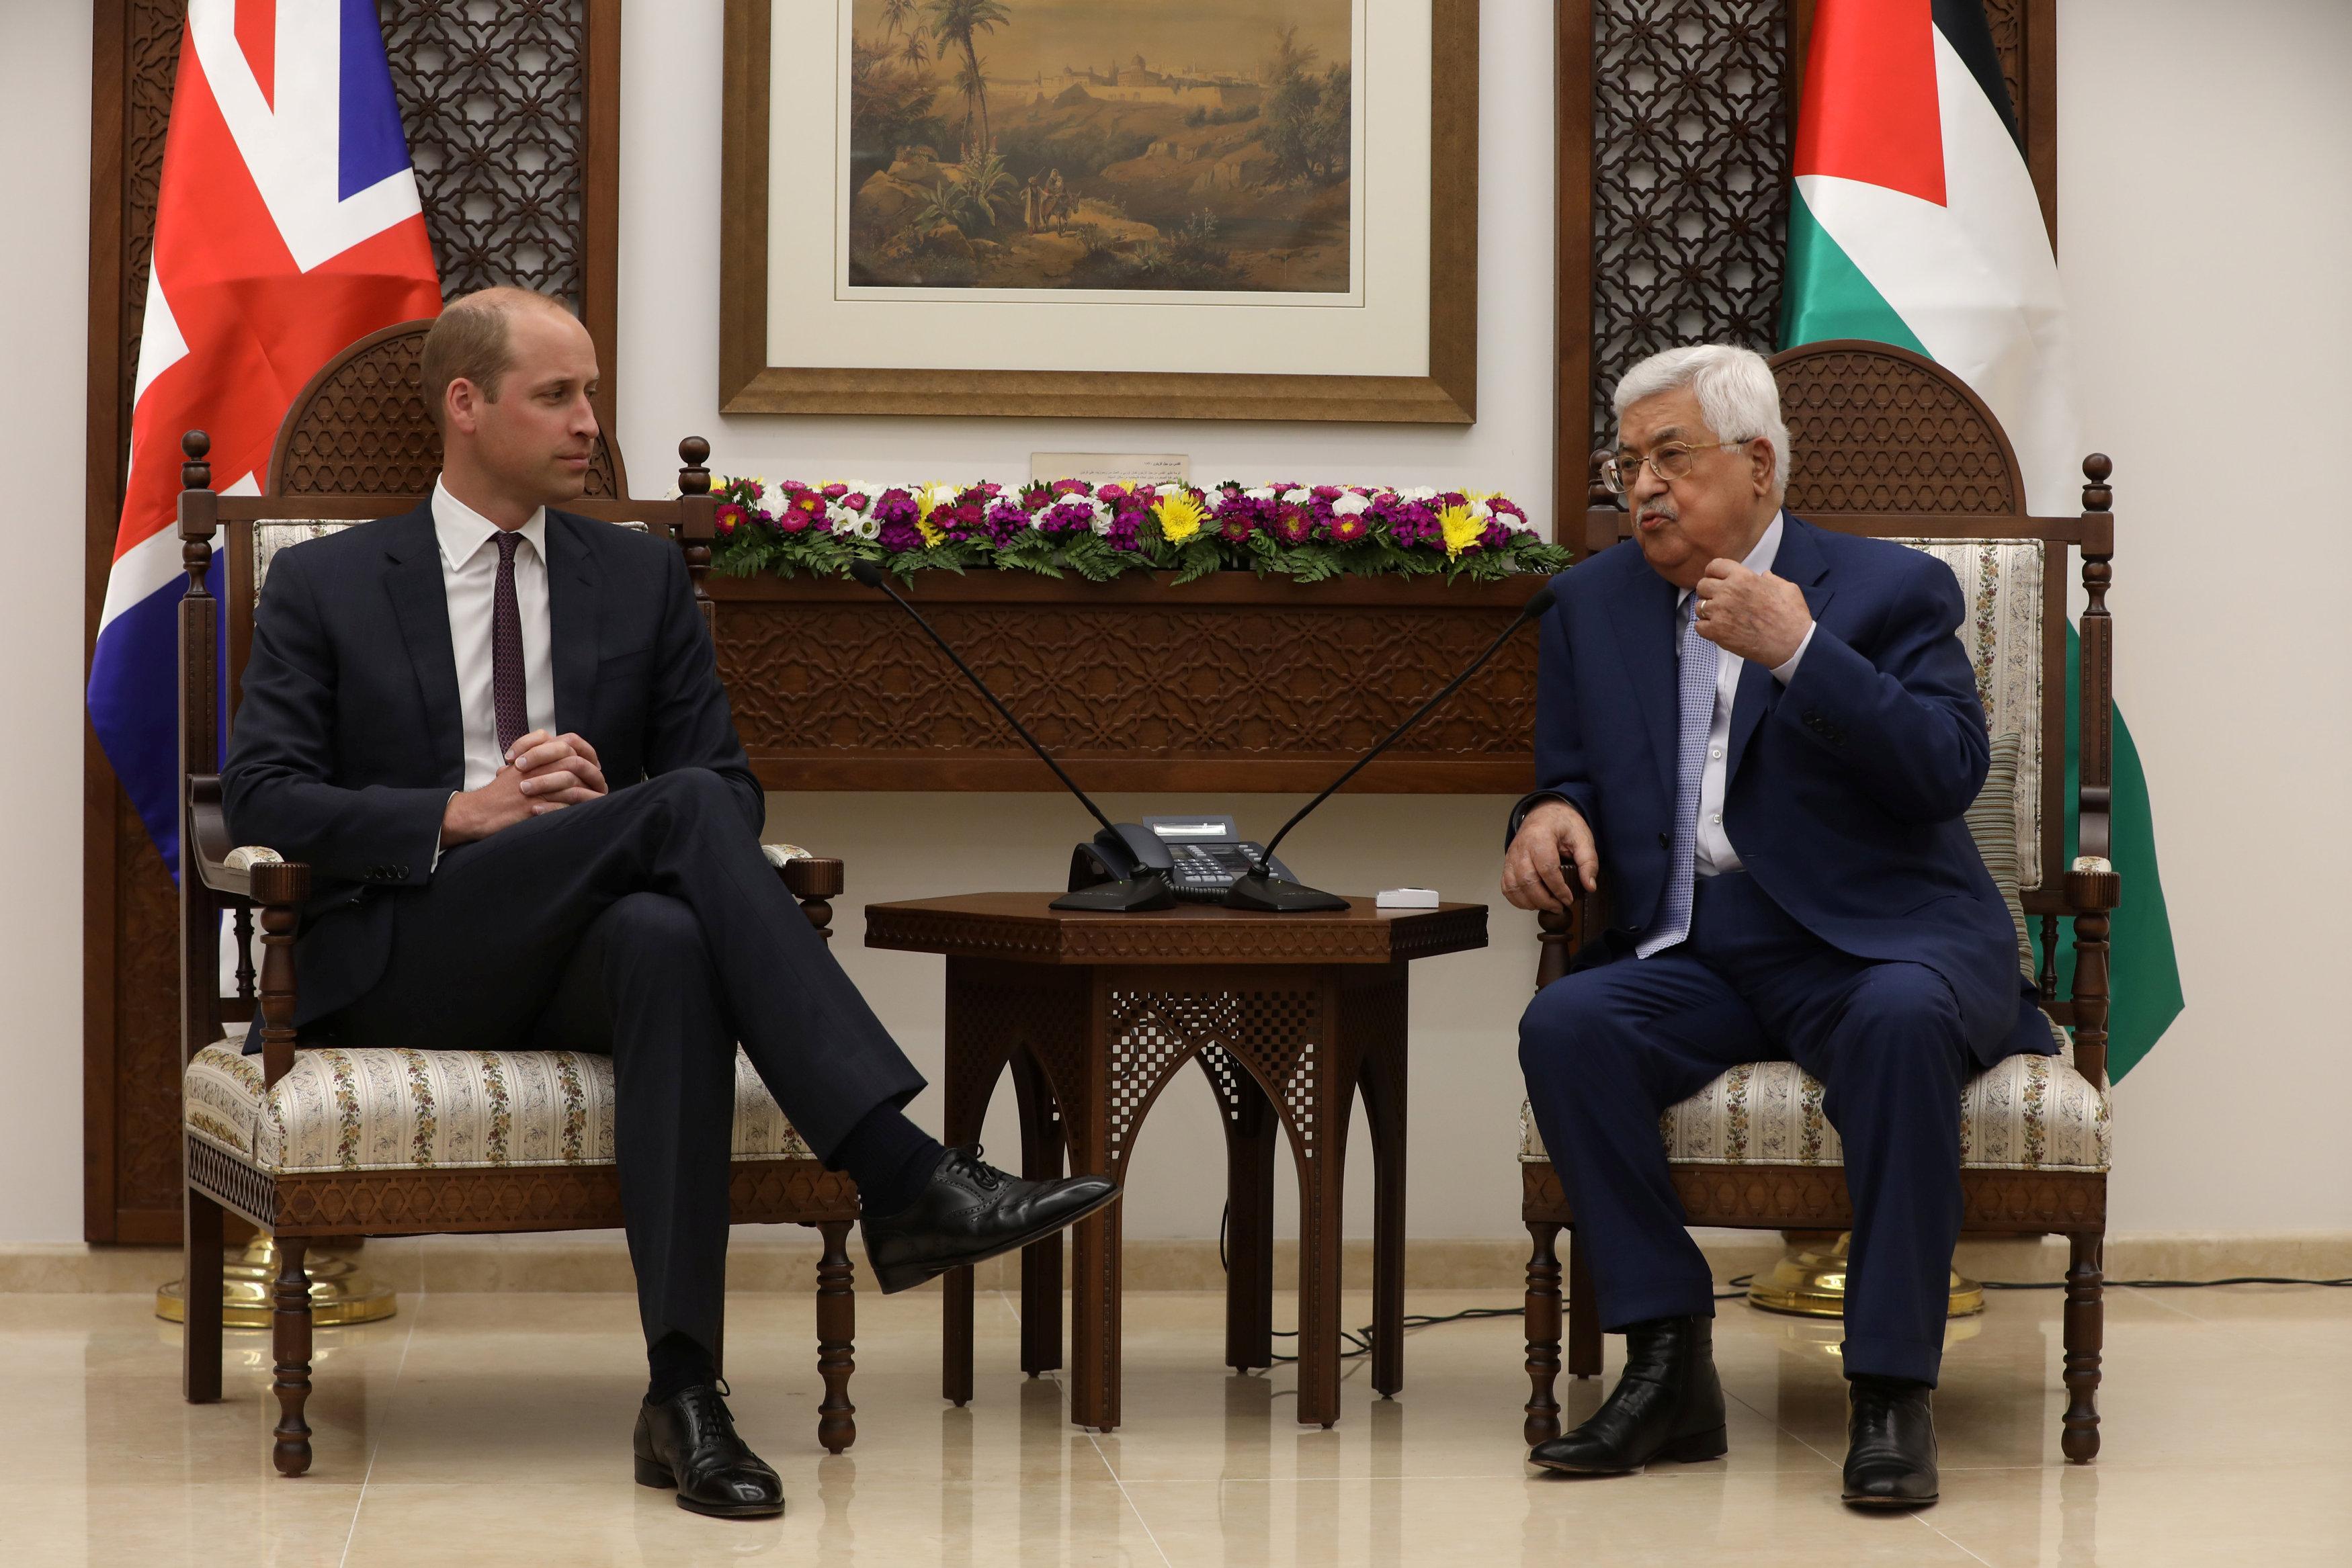 خلال الحوار بين الرئيس الفلسطينى والأمير وليام